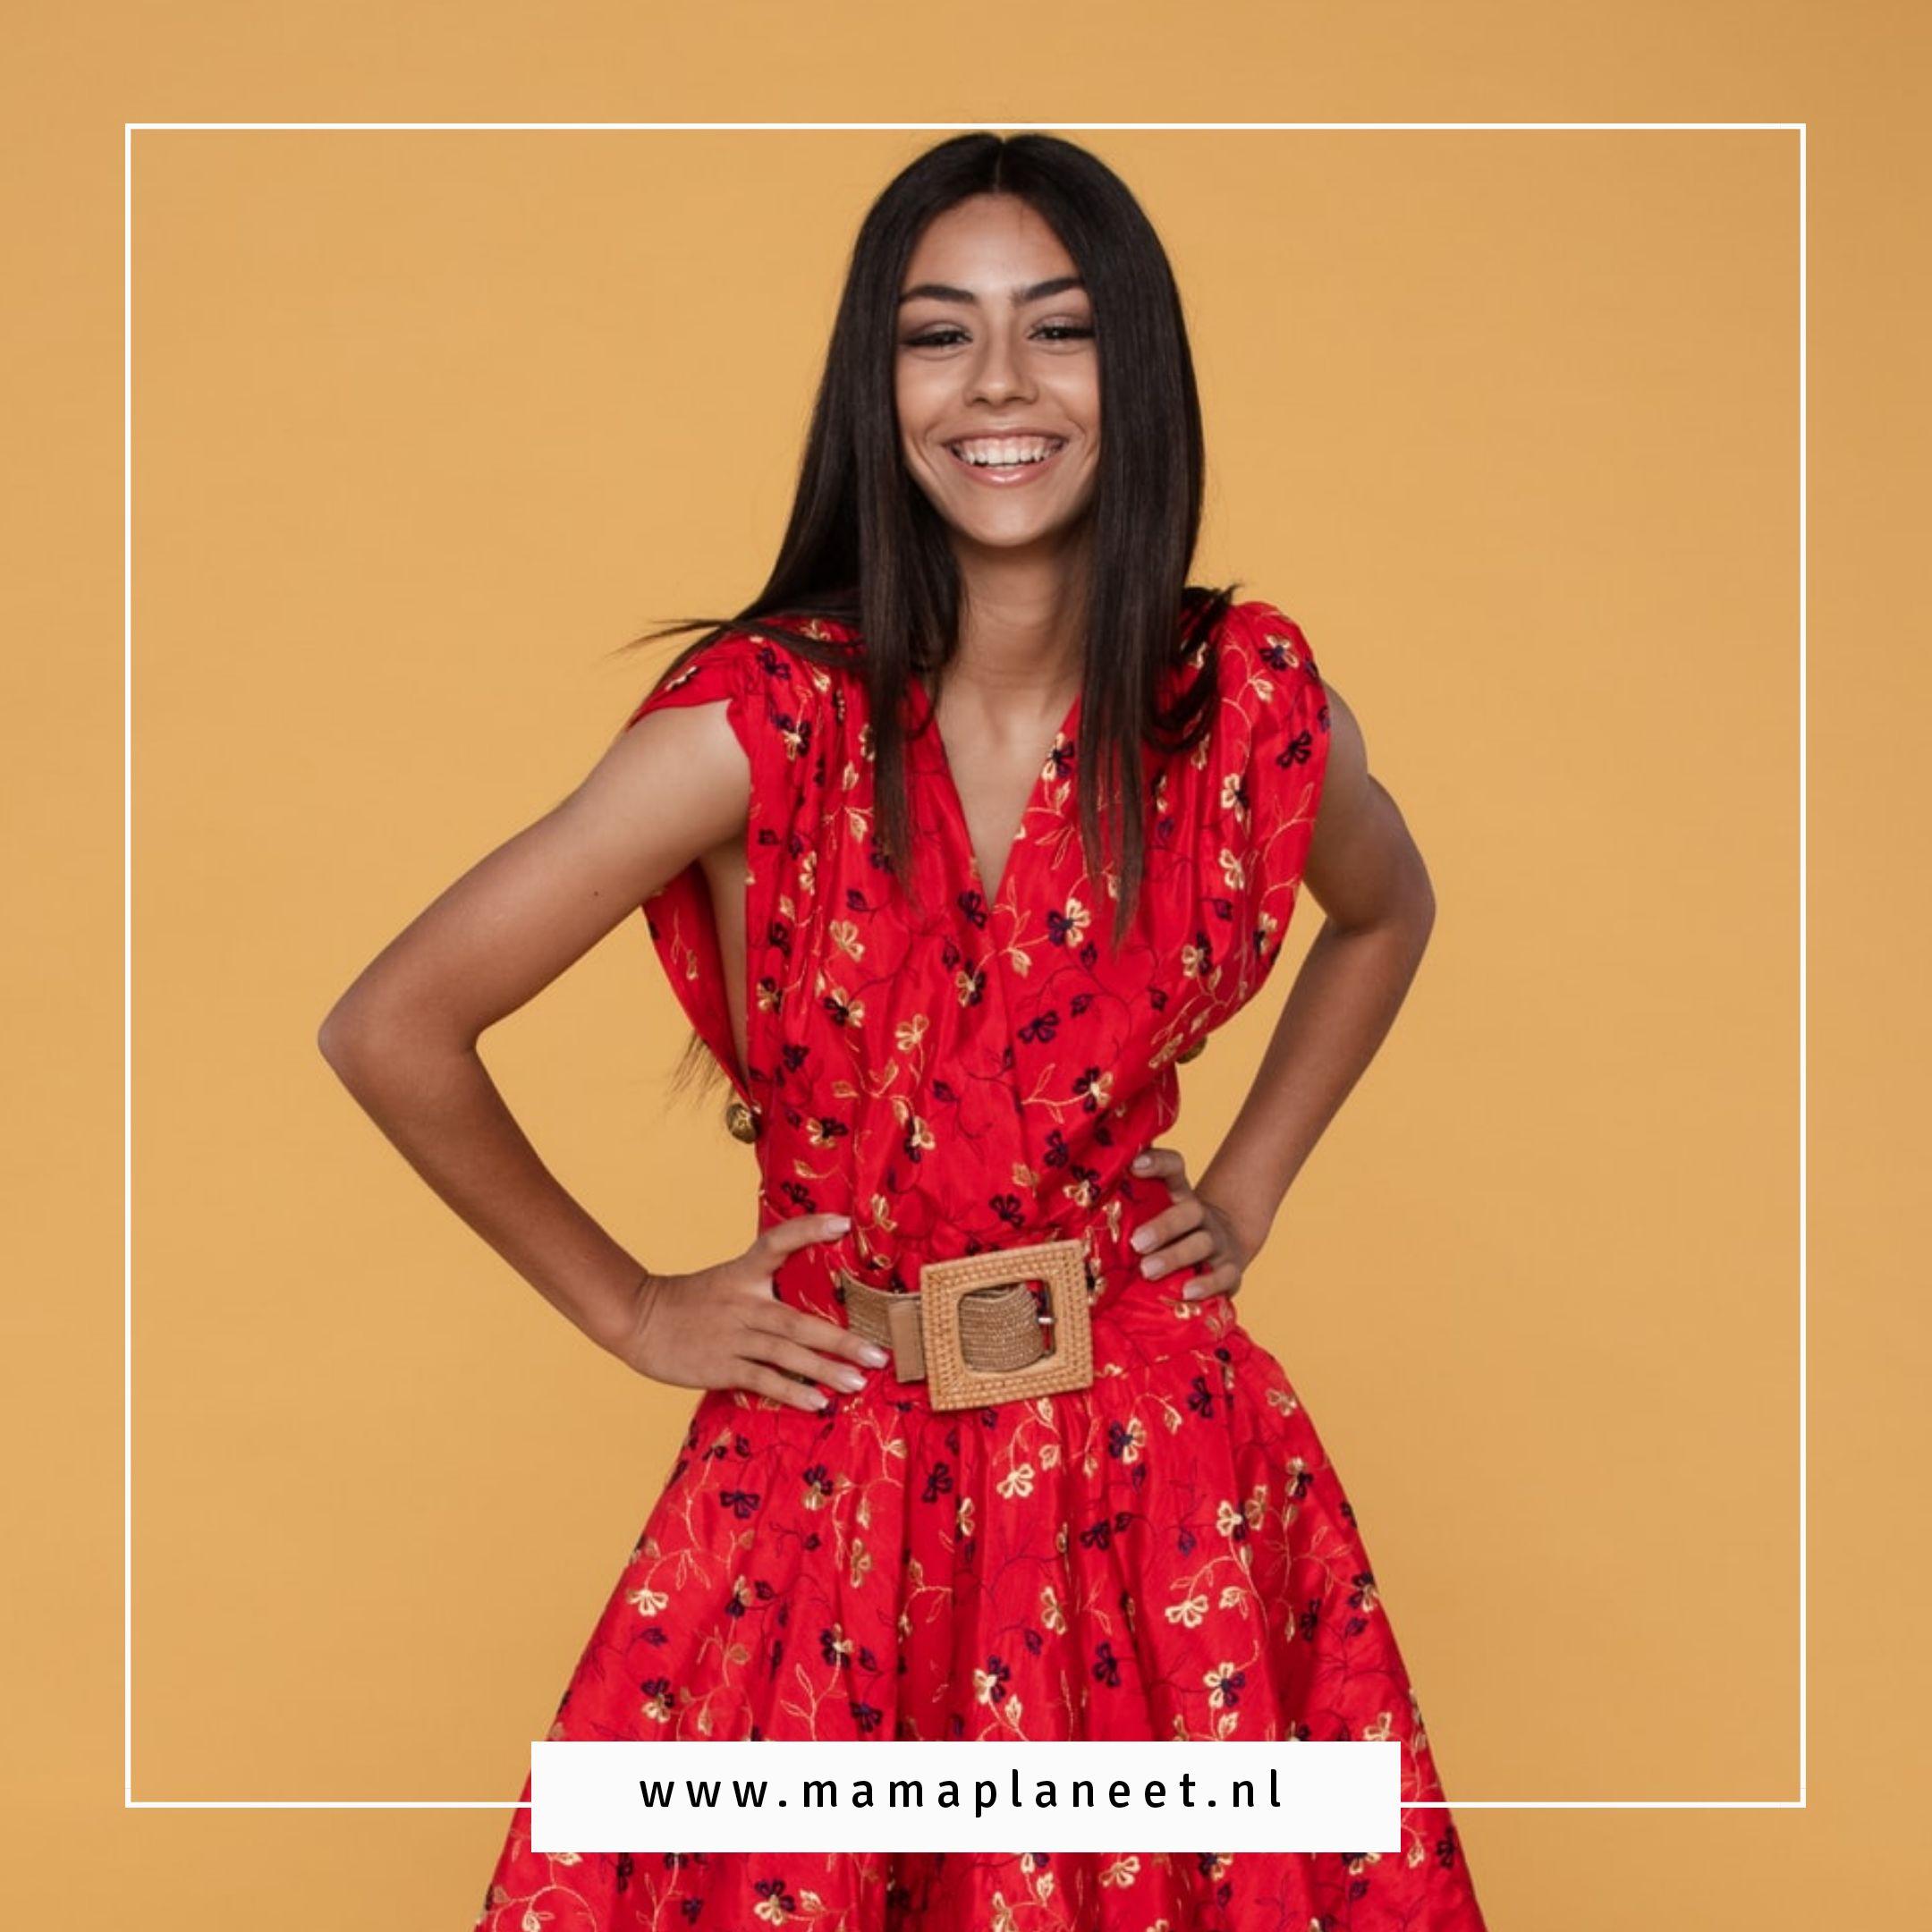 Vrouw draagt zomerjurk met prints